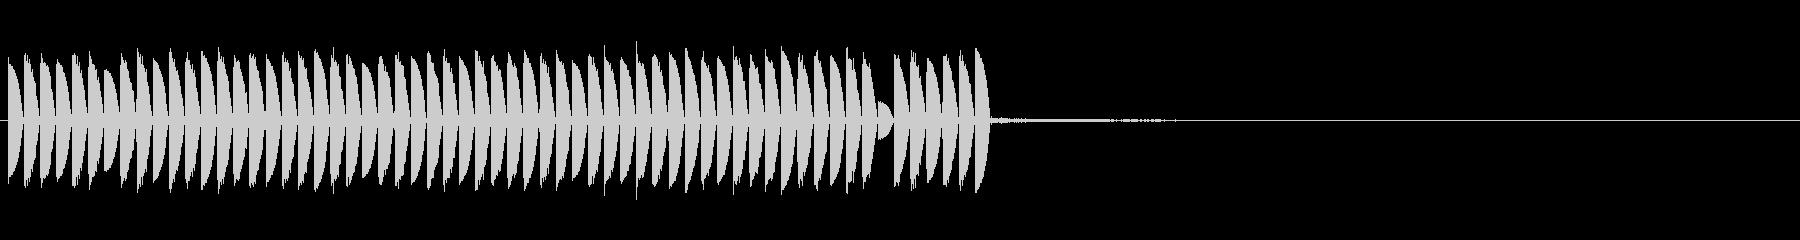 電子音 魔法 サイコロ回しの未再生の波形